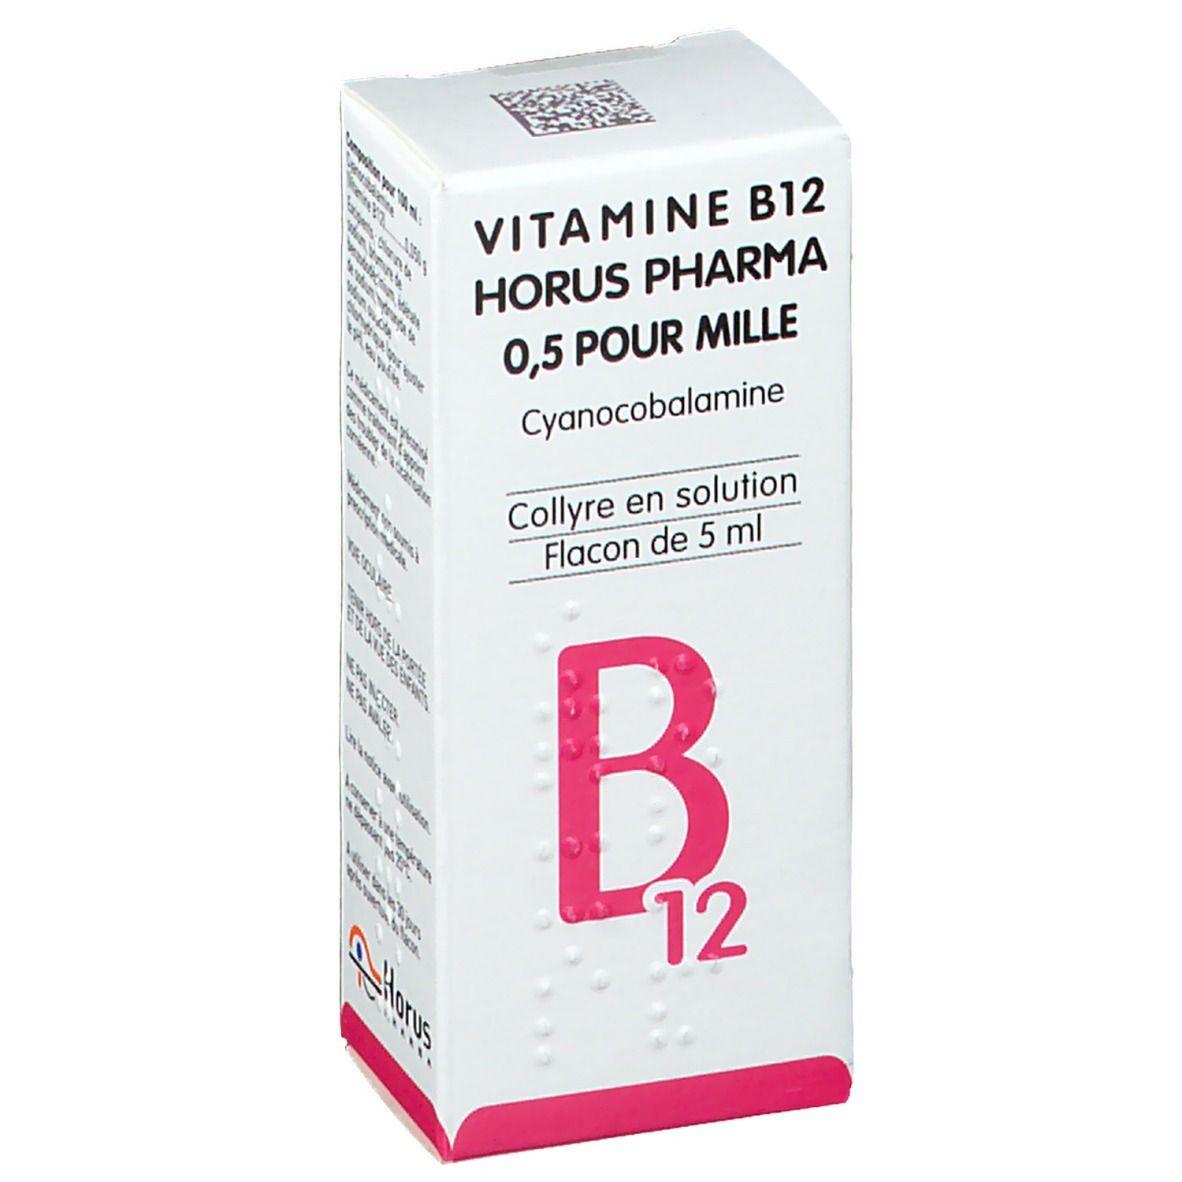 Horus Pharma Vitamine B12 ml gouttes ophtalmiques